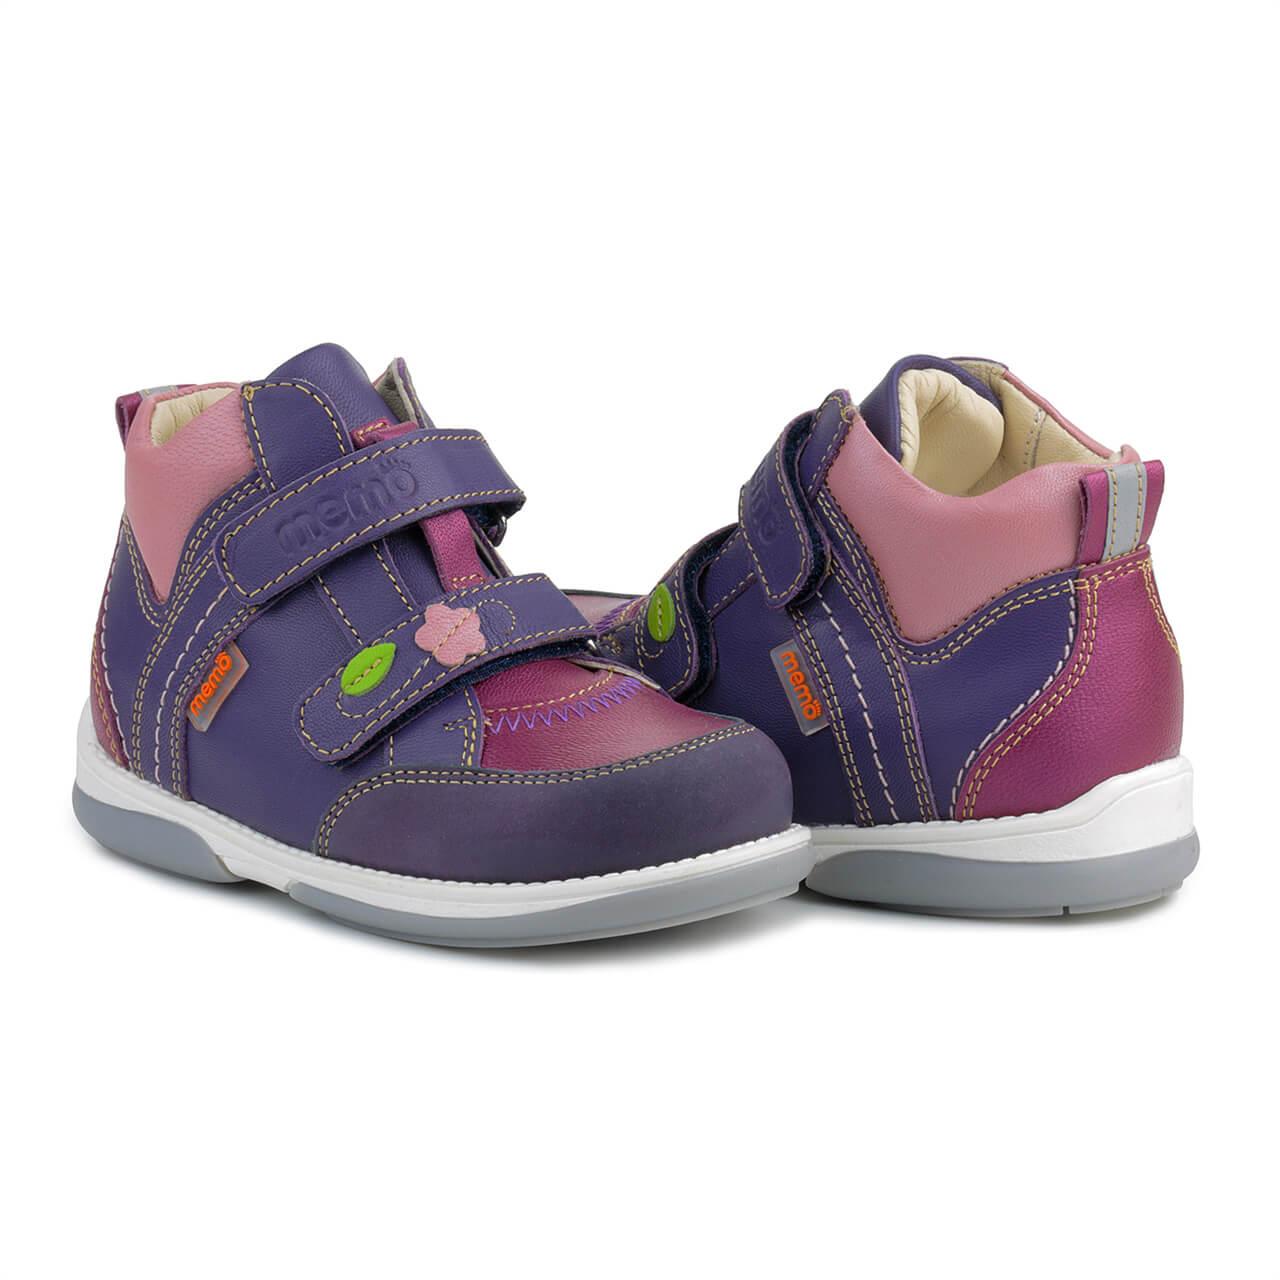 Memo Polo Junior 3JE Фіолетові Ортопедичні кросівки для дітей (р.22-31) ... 20594ed341513